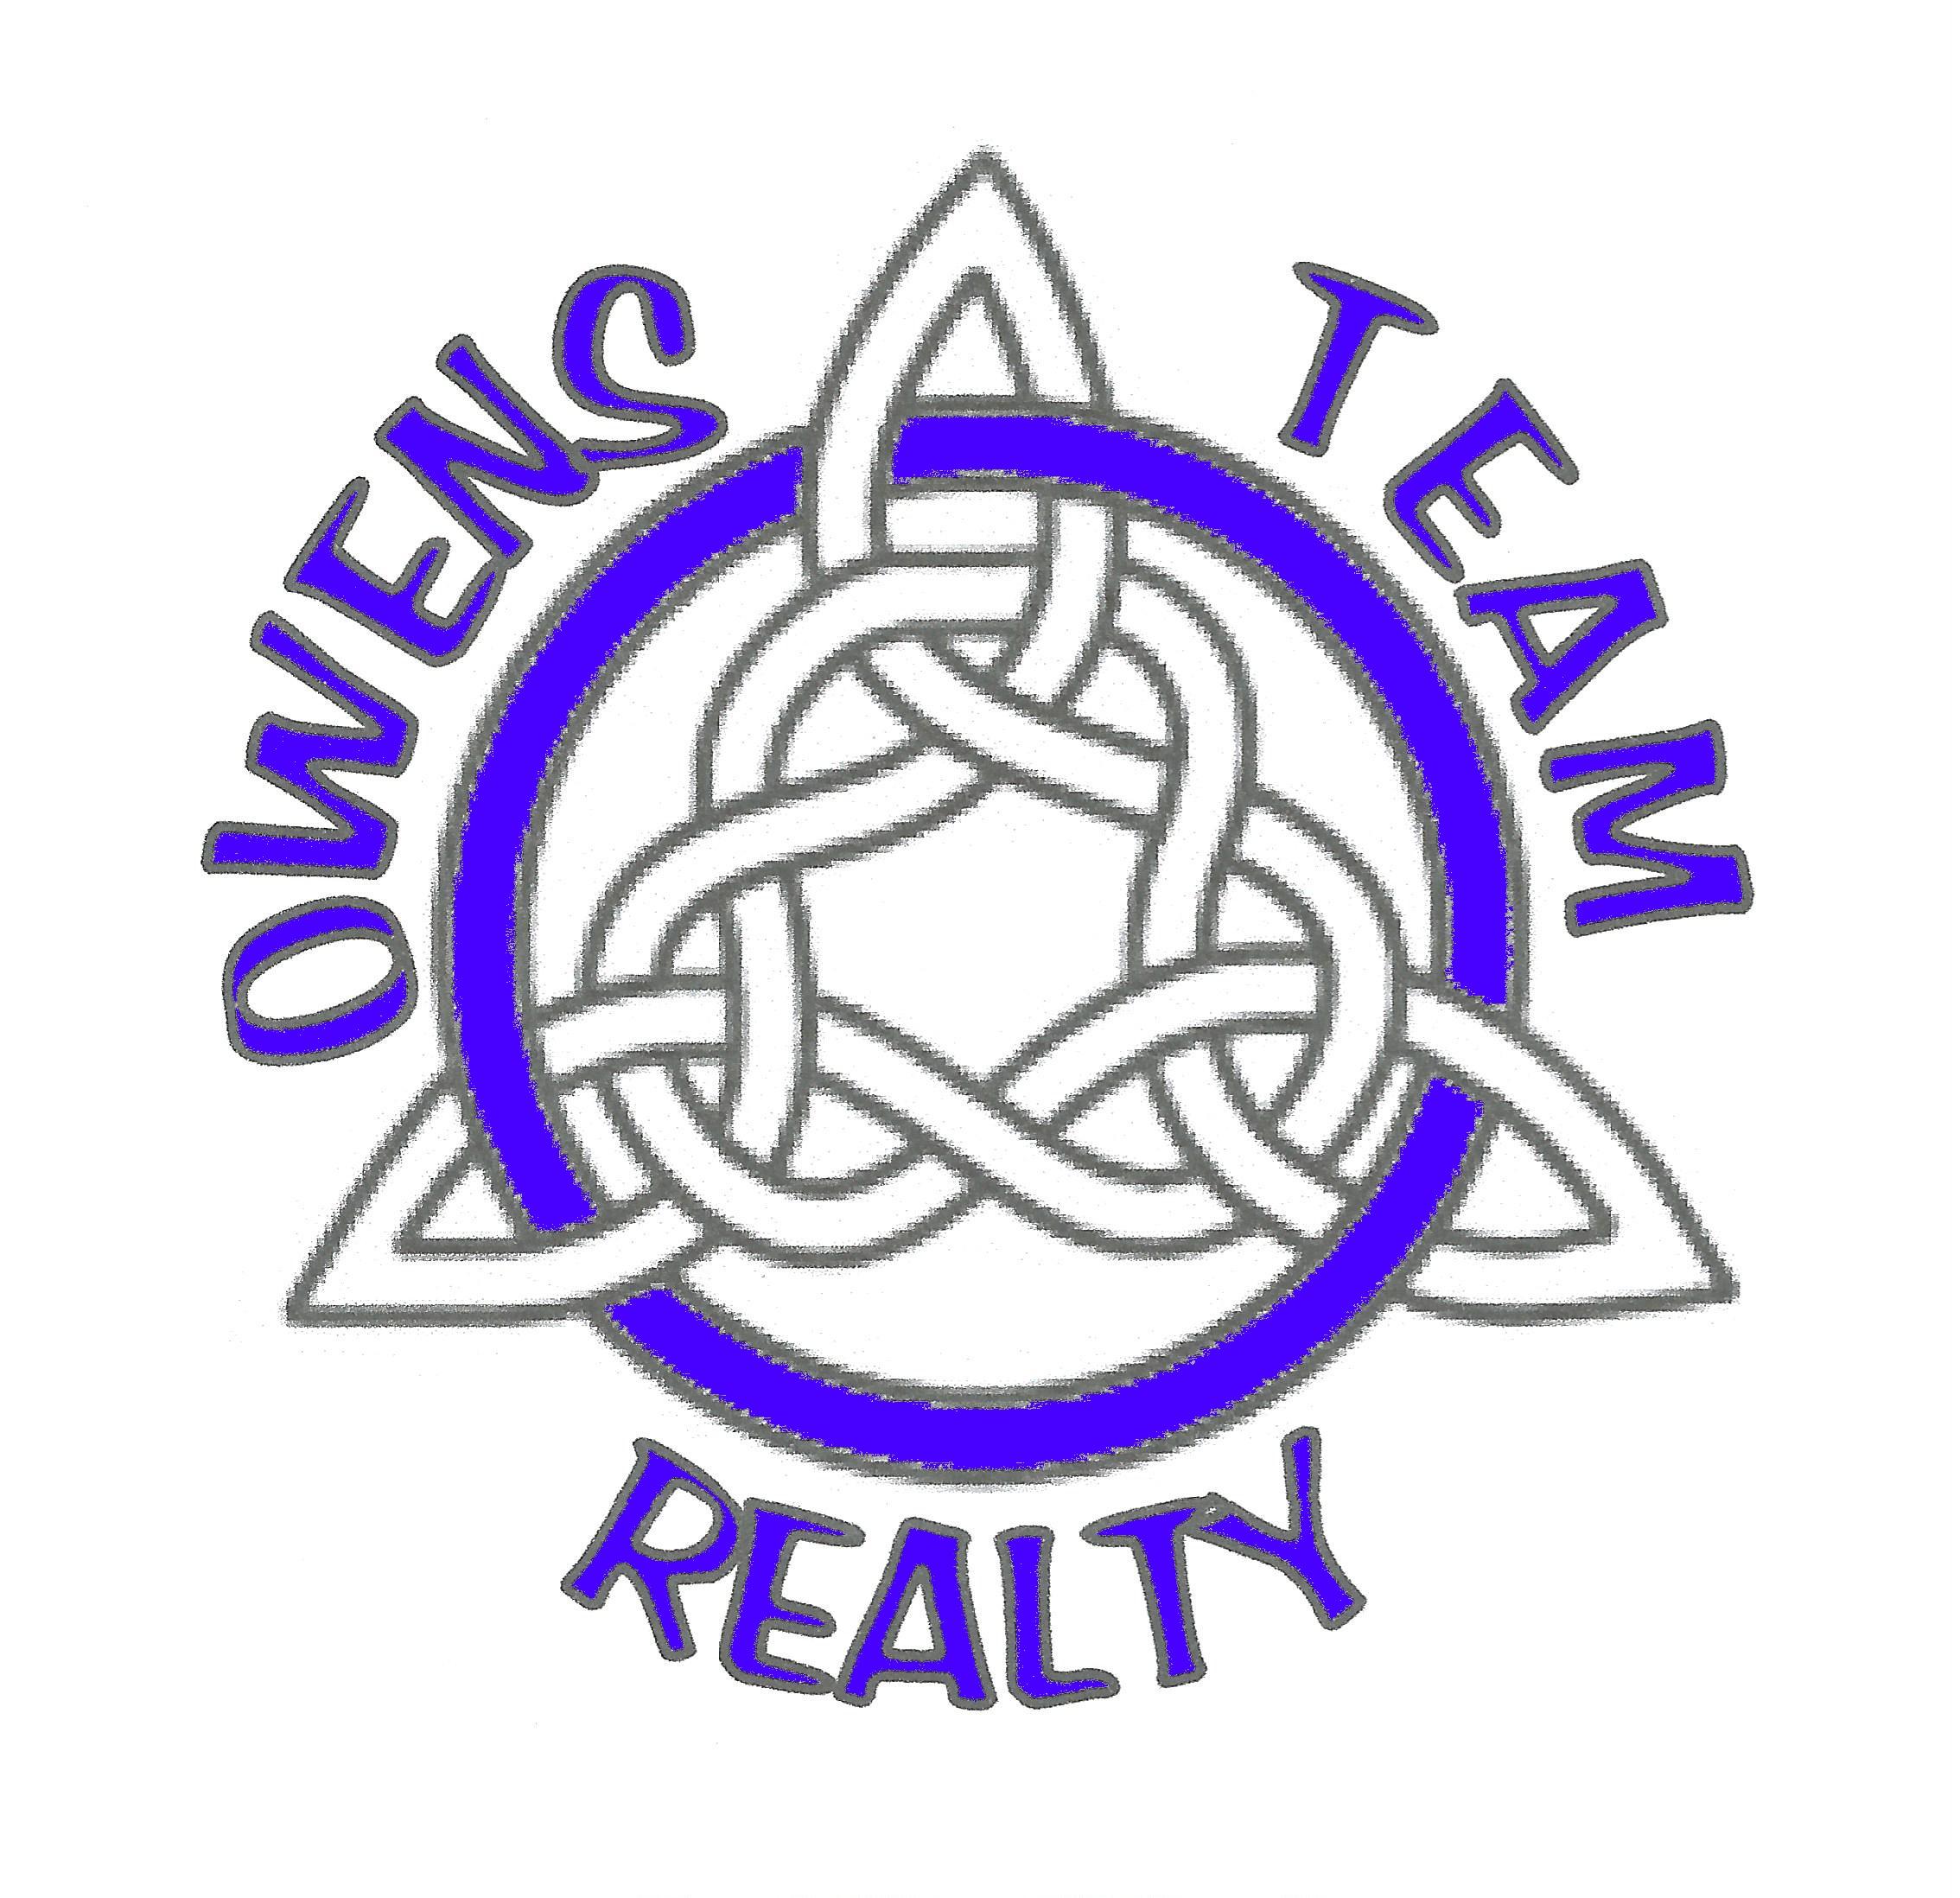 Logo Owens team Caps Blue